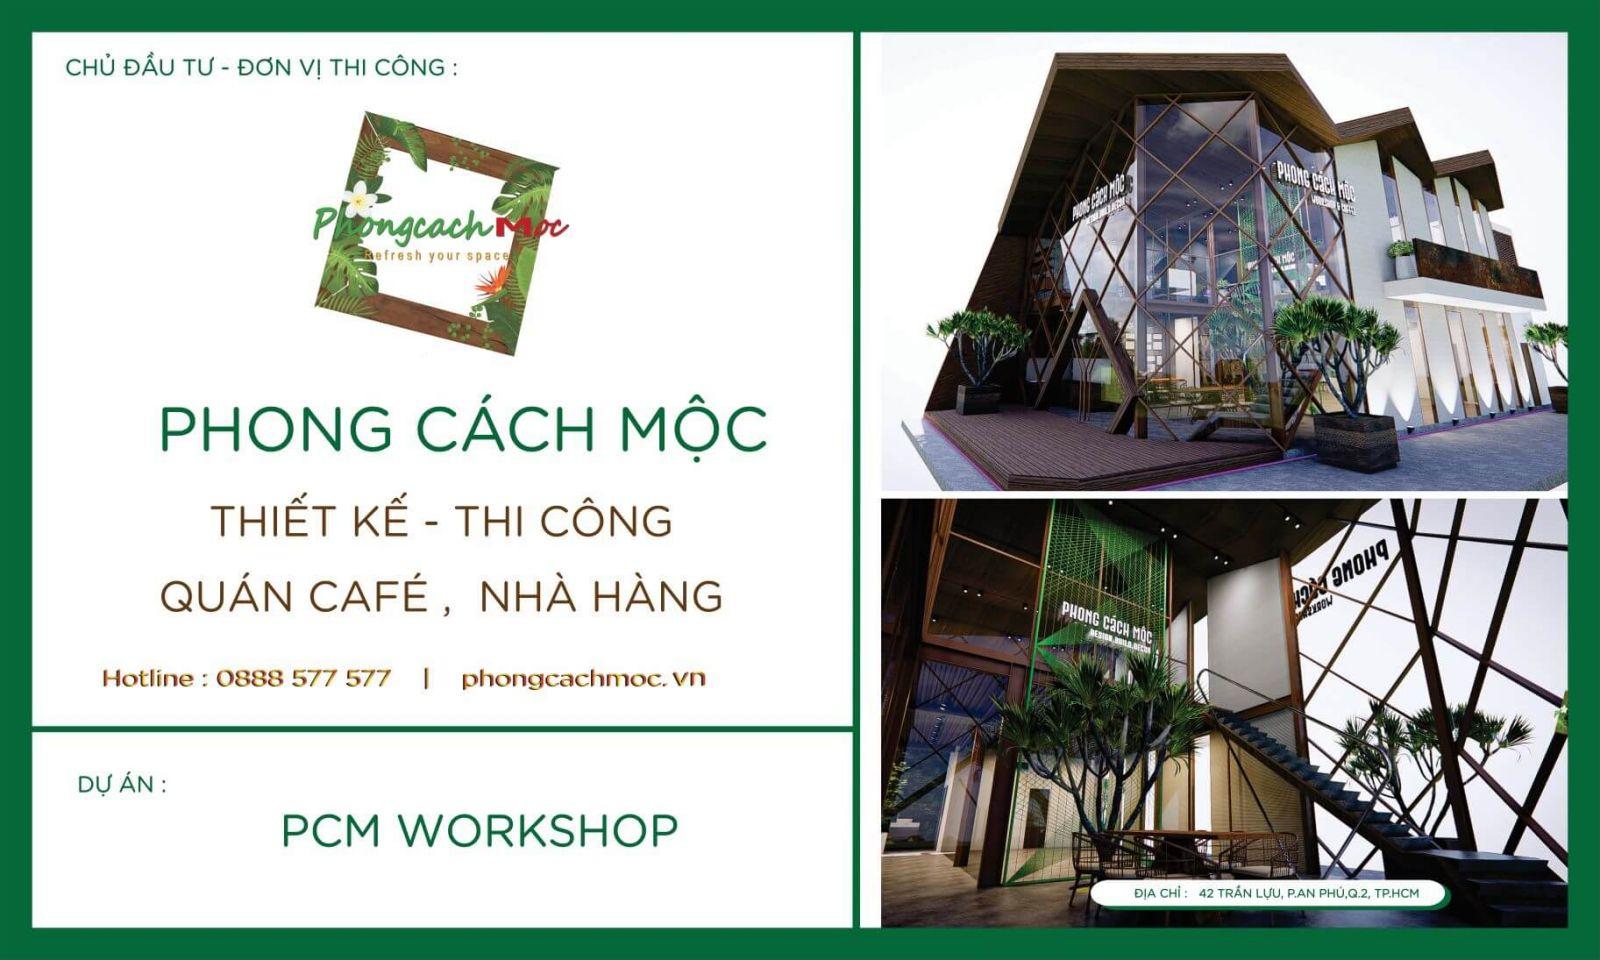 dự án pcm workshop phong cách mộc thiết kế thi công trọn gói